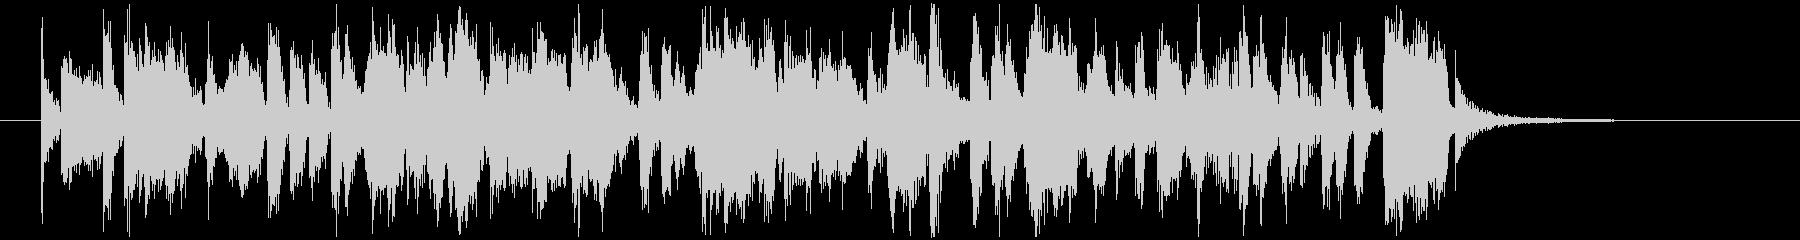 ショパンノクターン第2番のビッグバンド風の未再生の波形